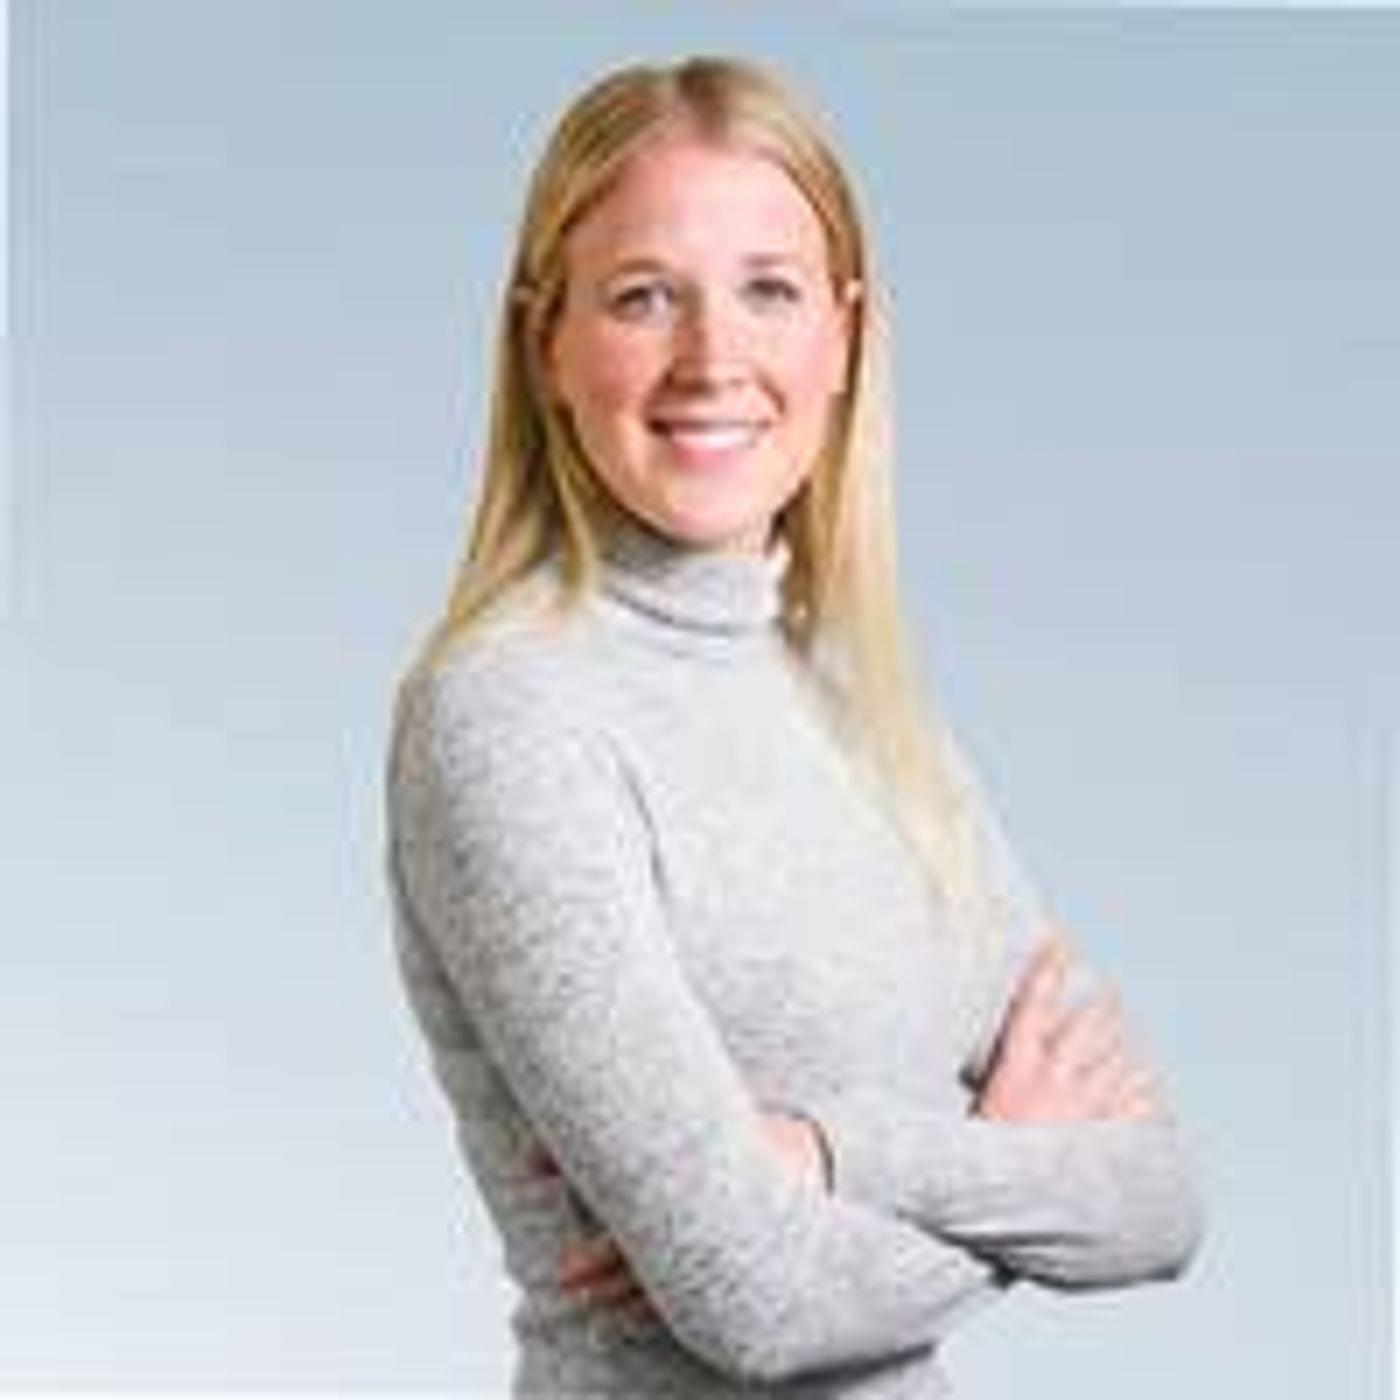 Jessica Wagner